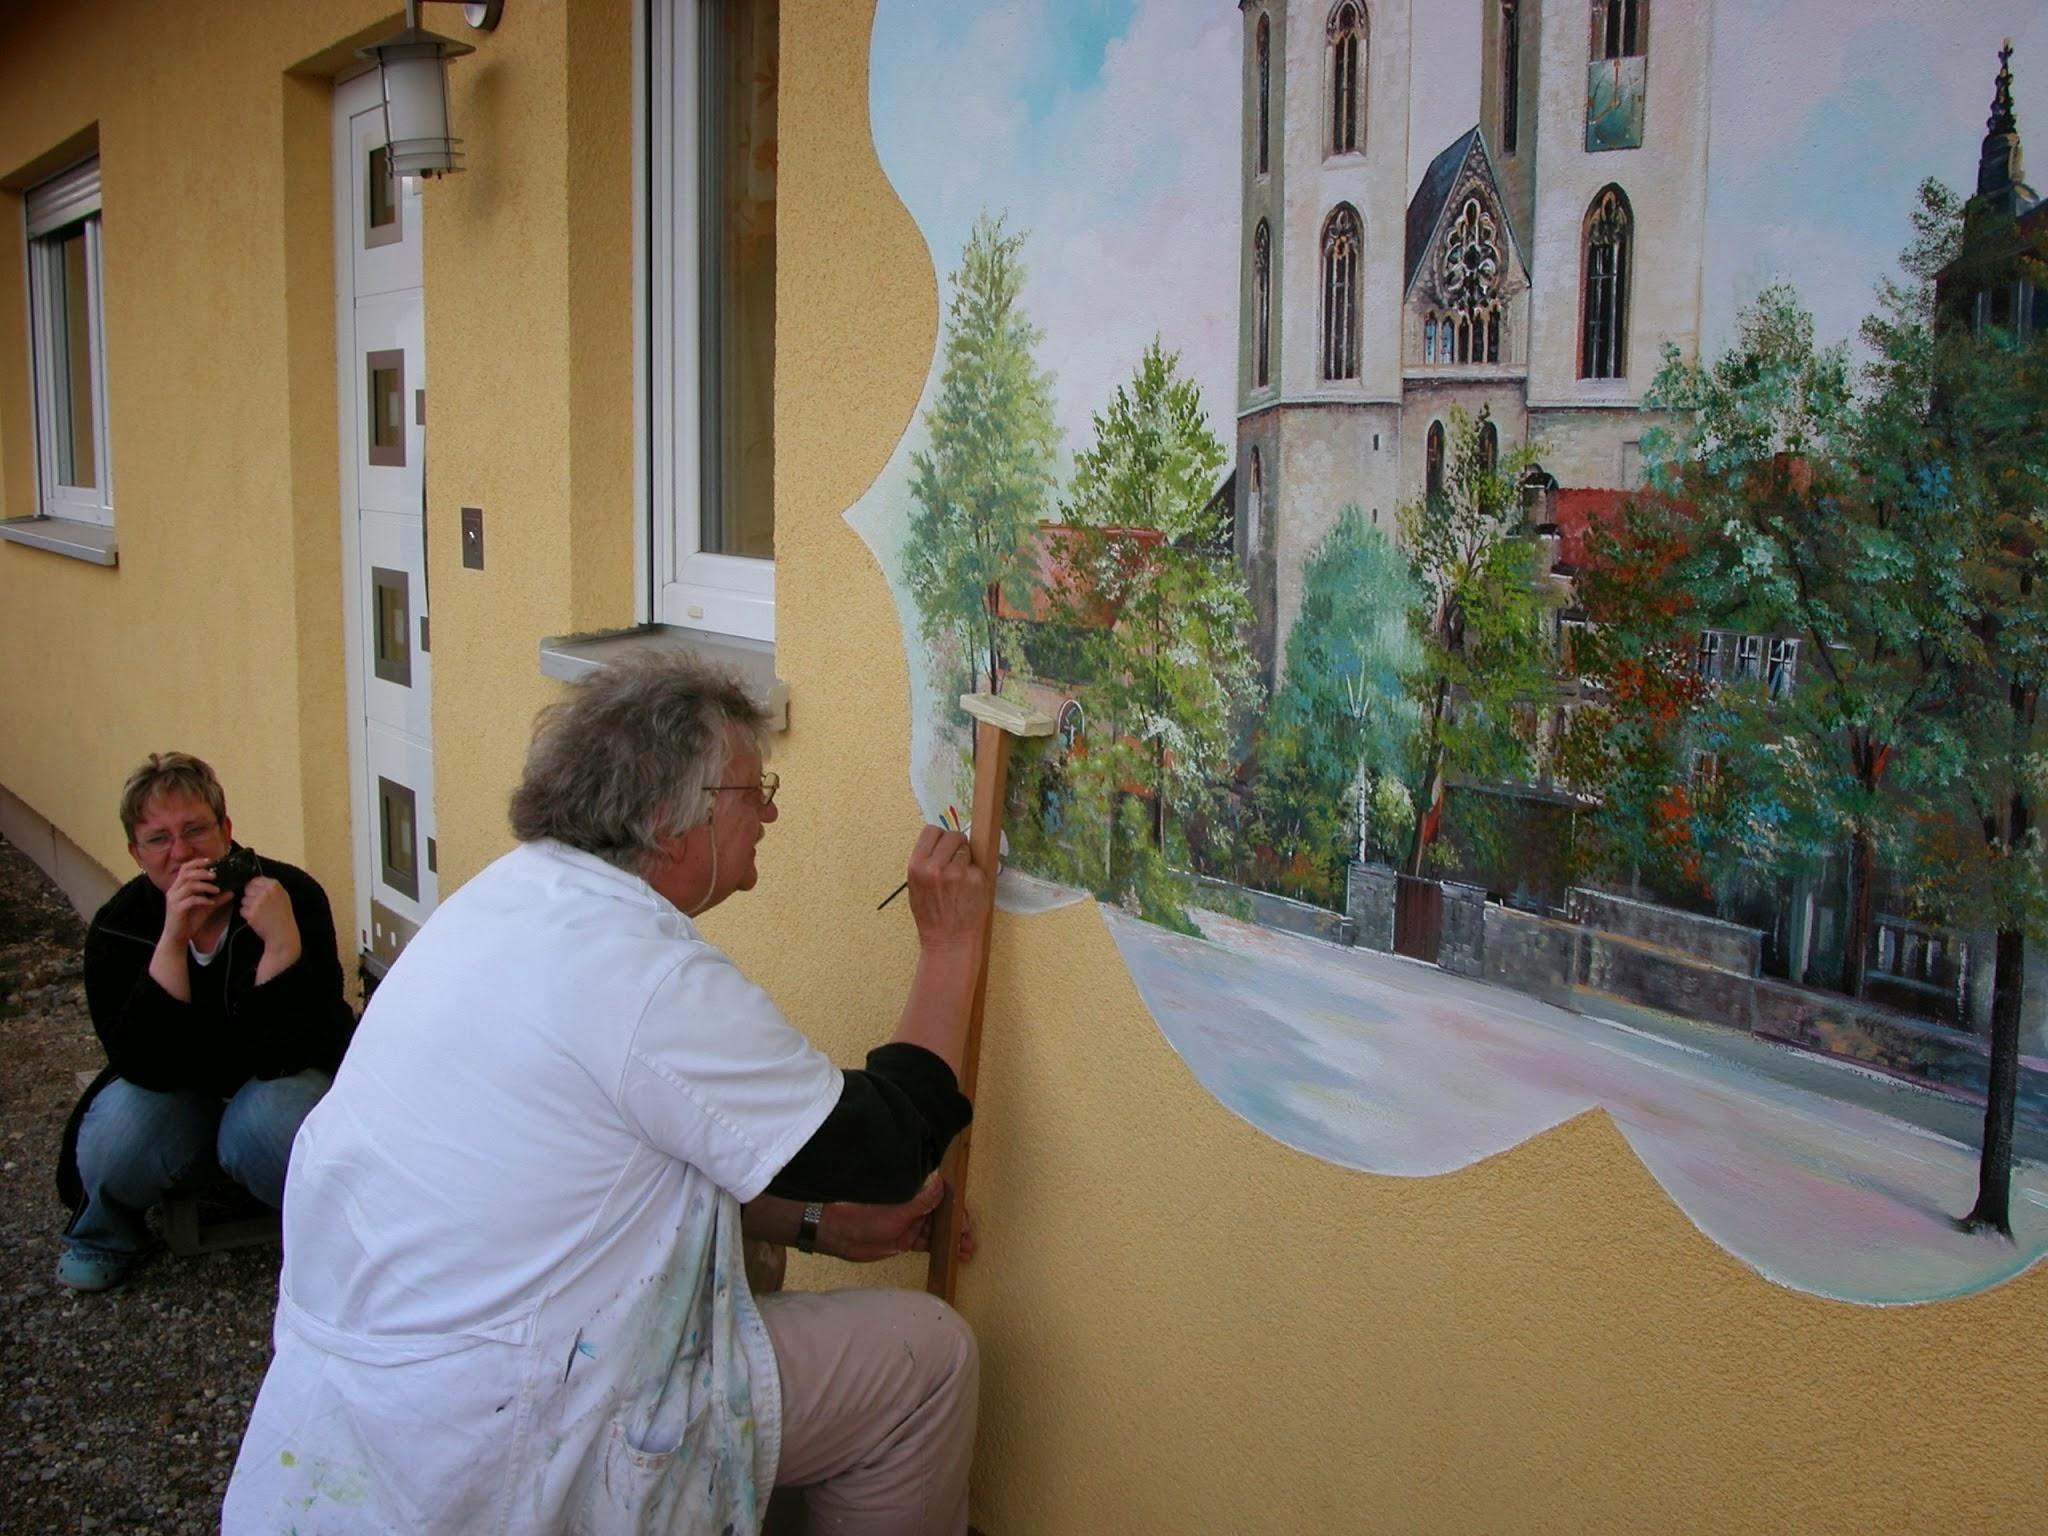 570-Fassade-Einfamilienhaus-Sargstaedter-Siedlung-Halberstadt-ca-5qm-2012